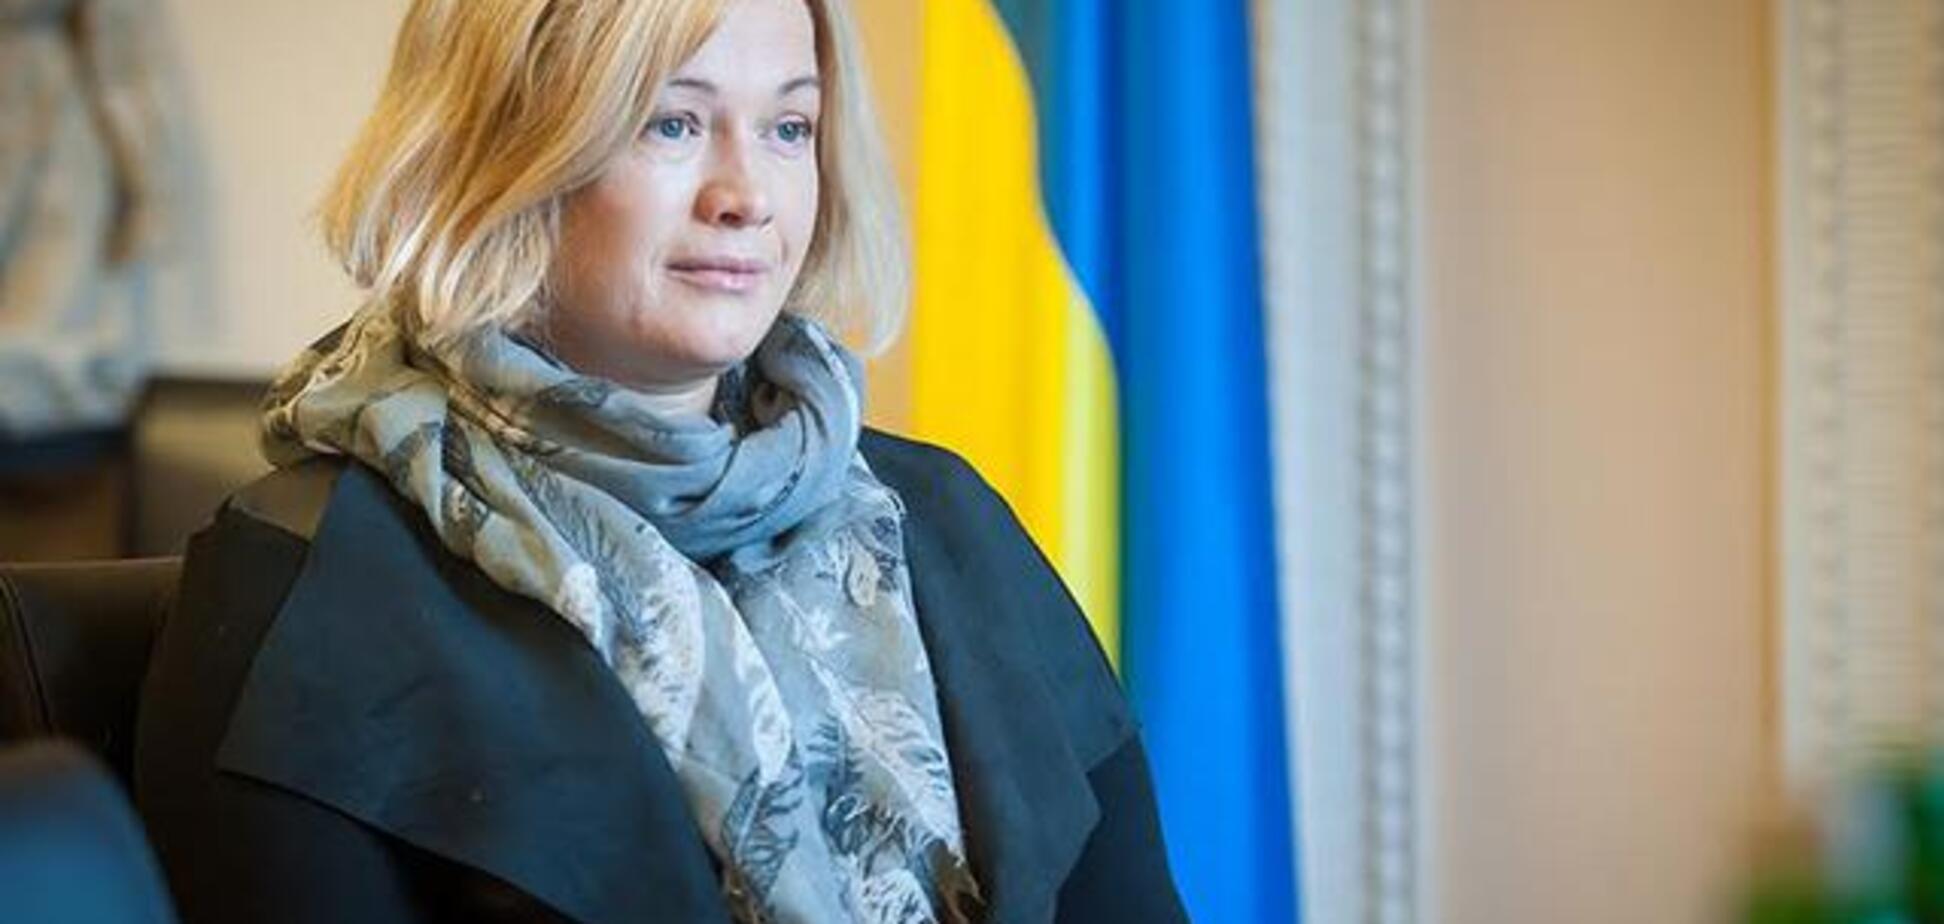 Лидеров государств по мировой практике не вносят – Геращенко о санкционных списках России